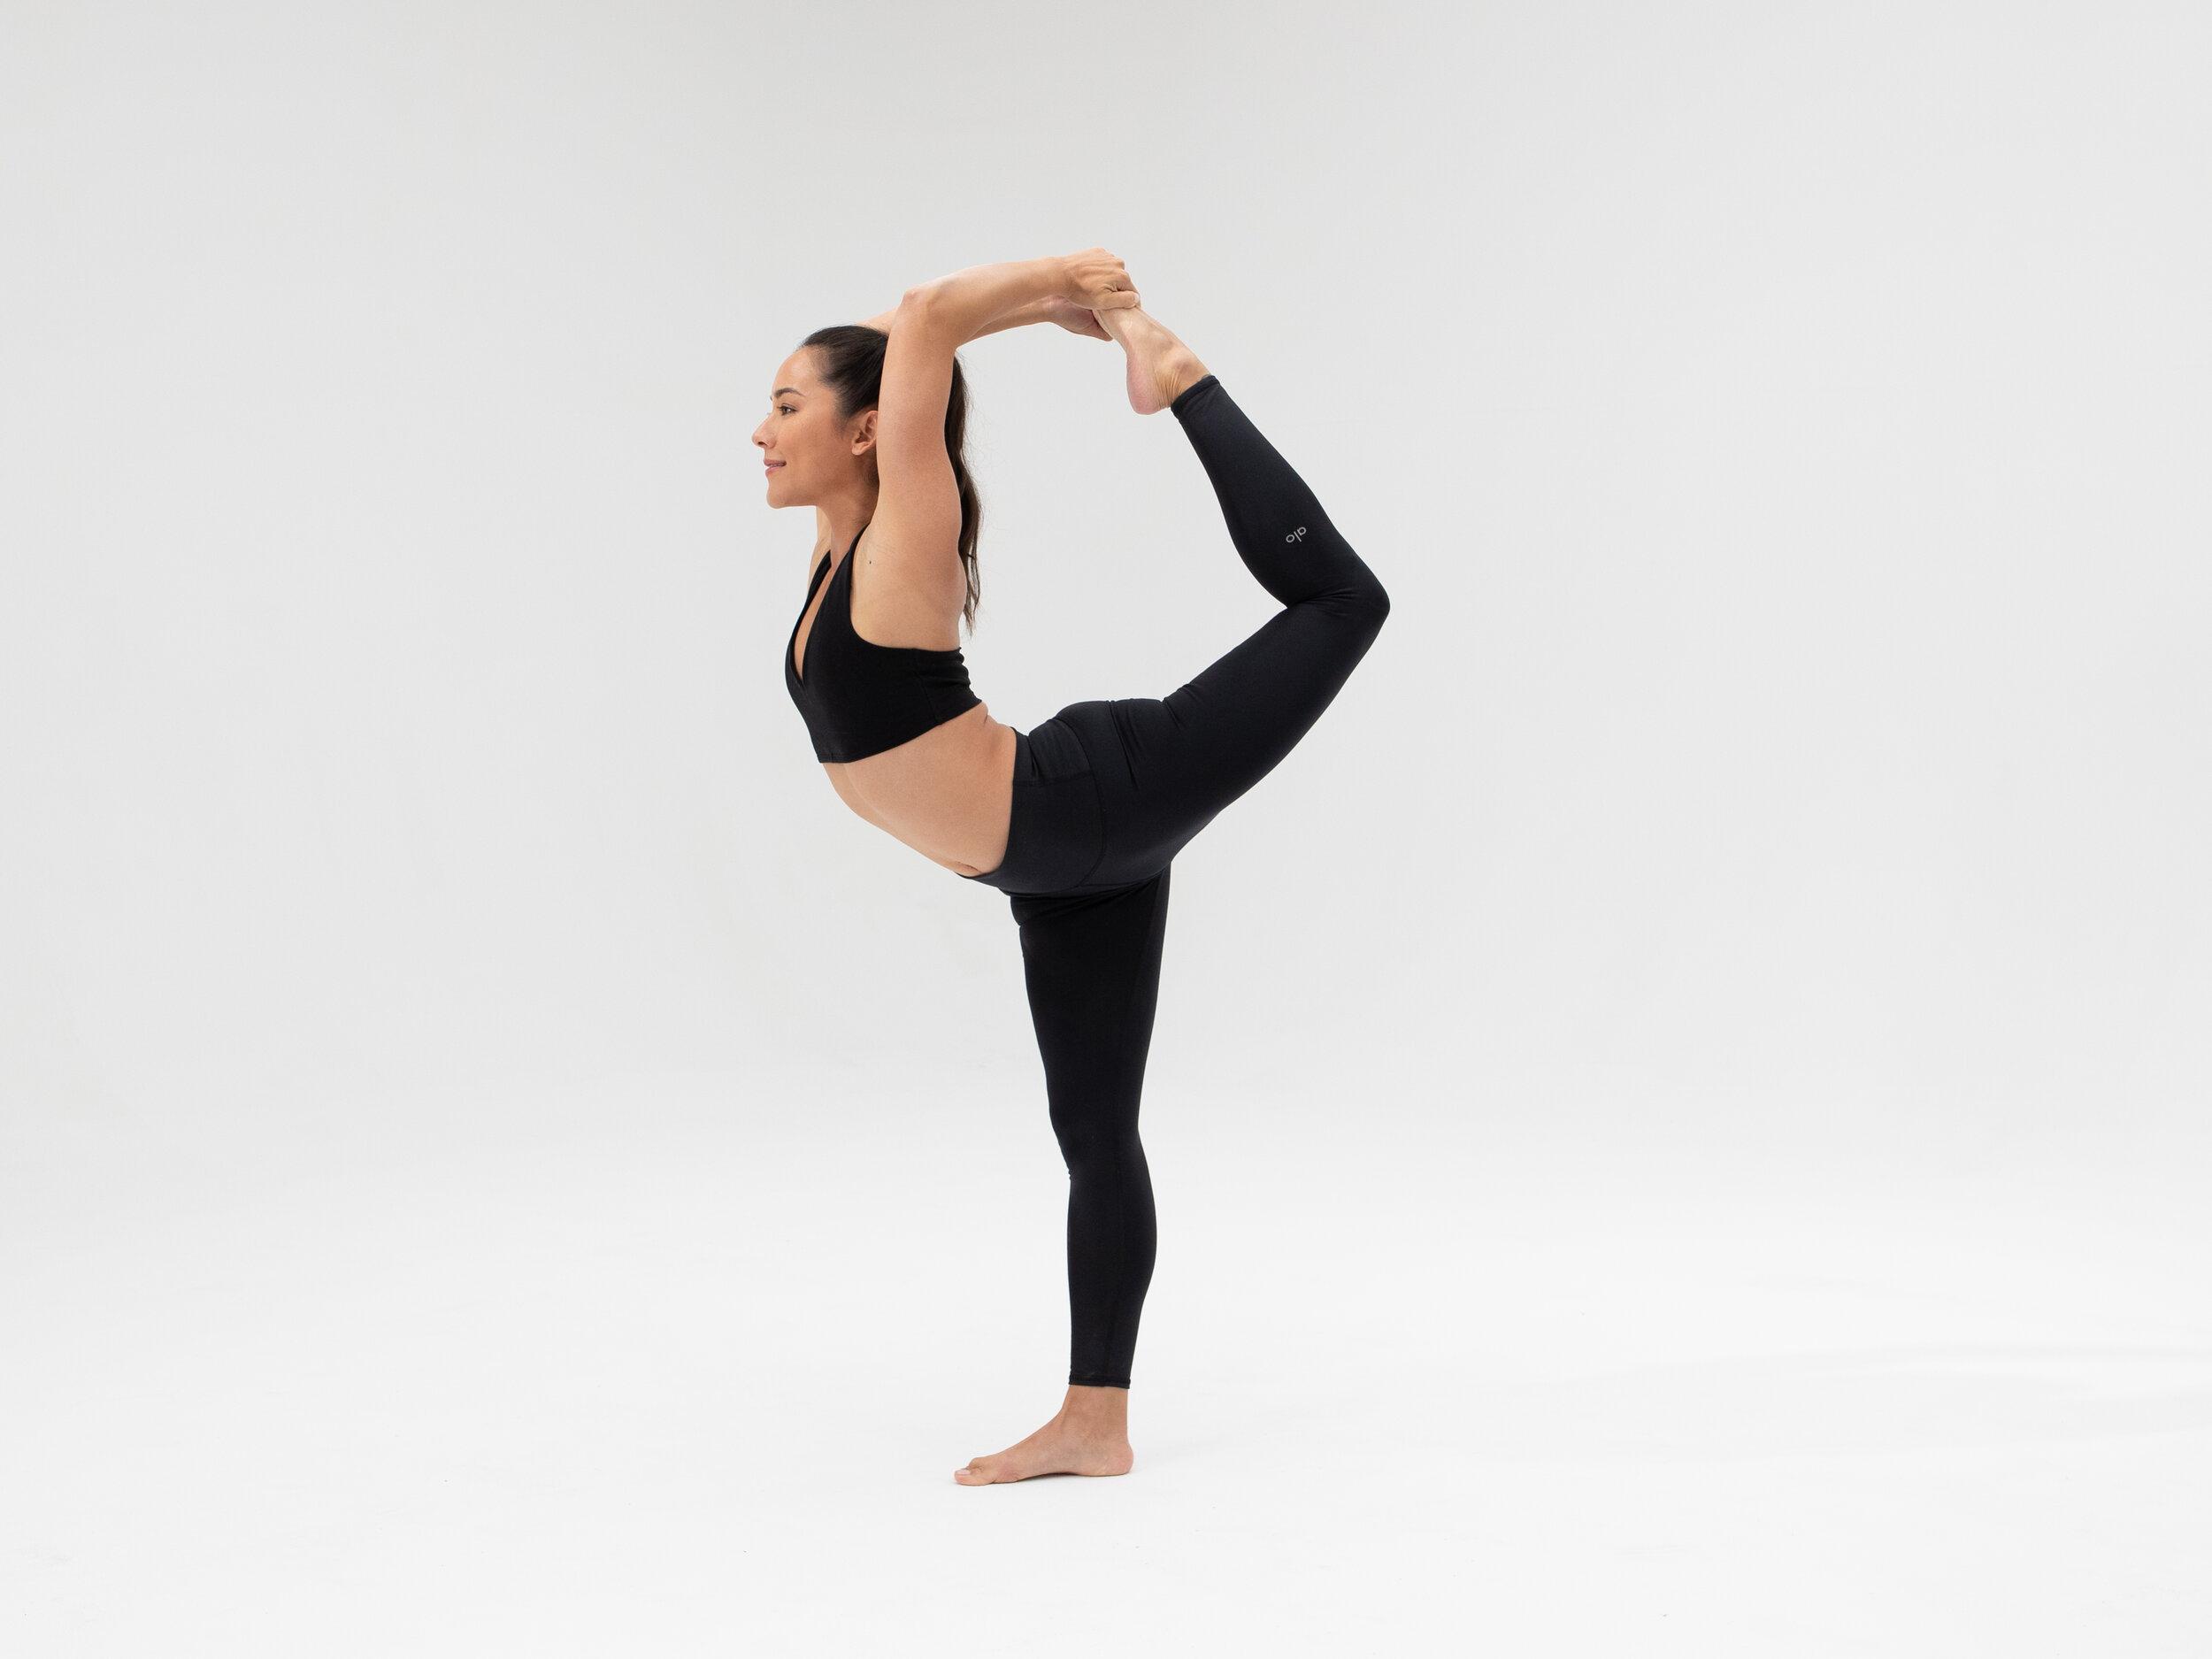 How To Do Dancer Pose Yoga Tutorial Alo Moves